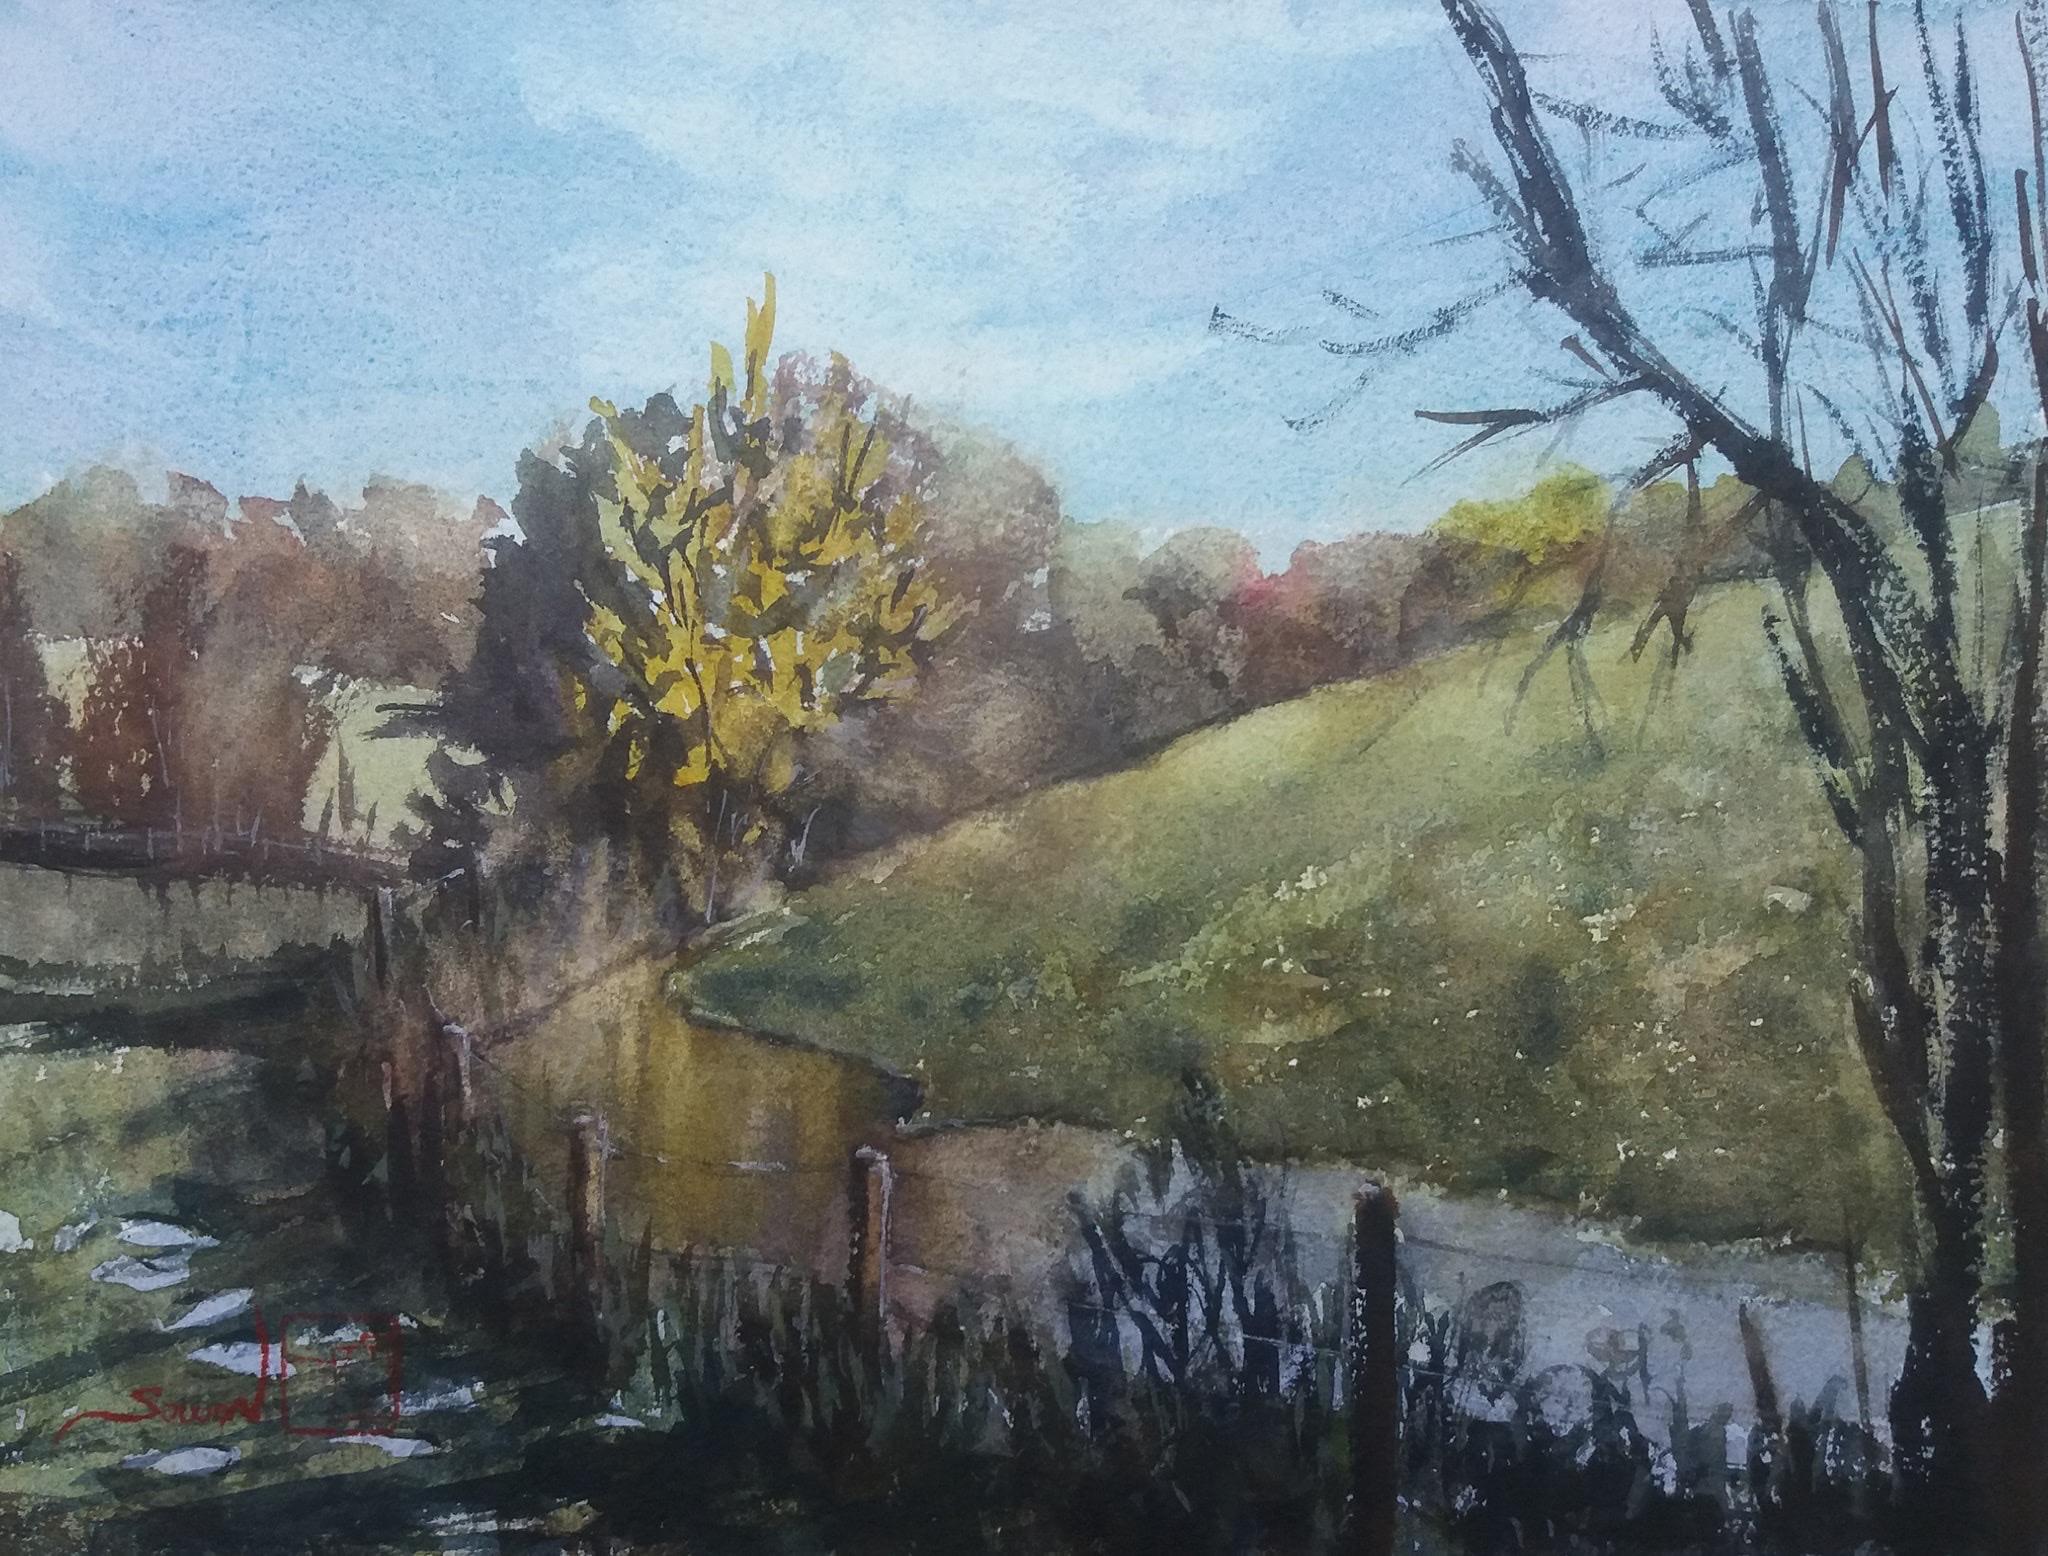 Riverside walk, Eastleach, England. Watercolour on W&N paper. 23 x 31 cm